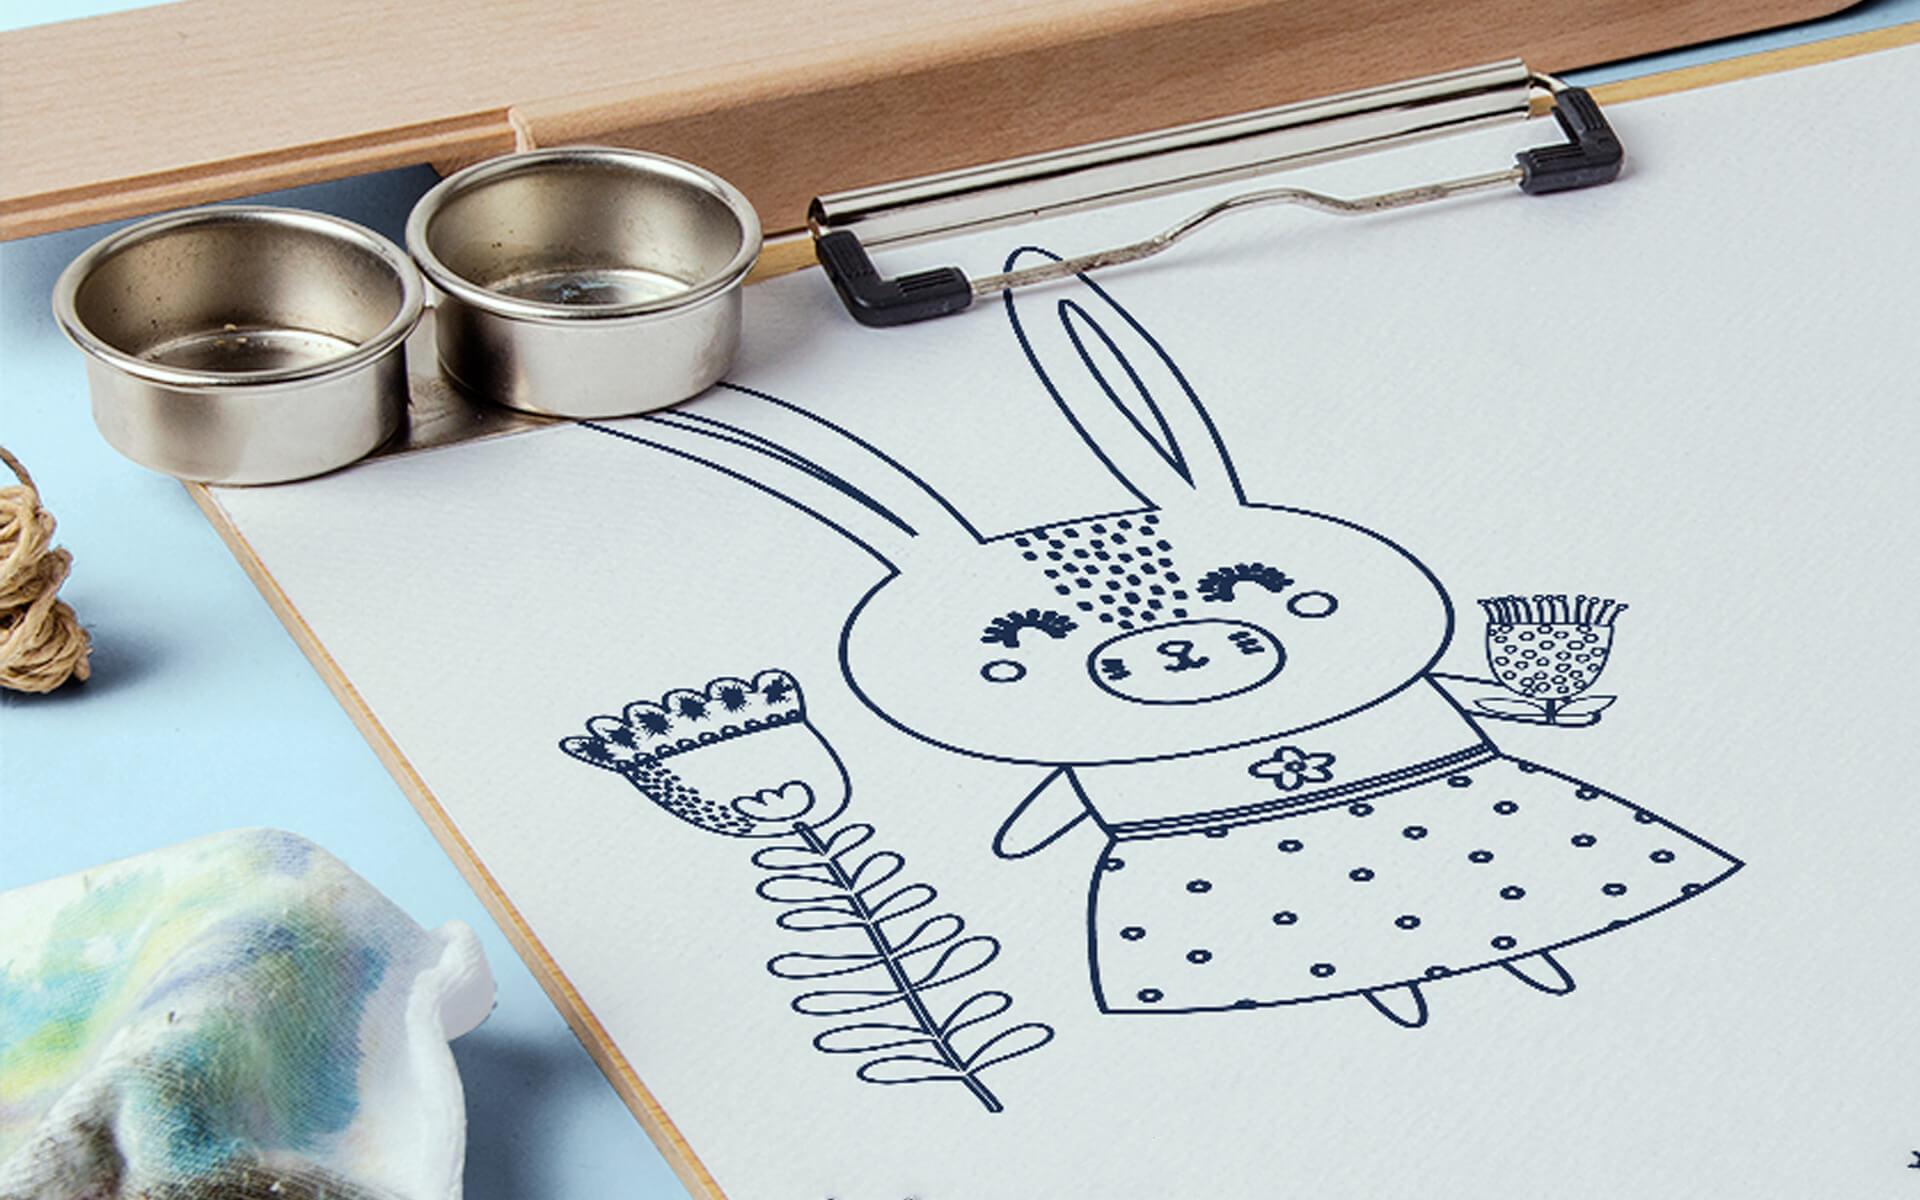 Kreative Malvorlagen Für Kinder   Braindinx Gmbh für Kindermalvorlage